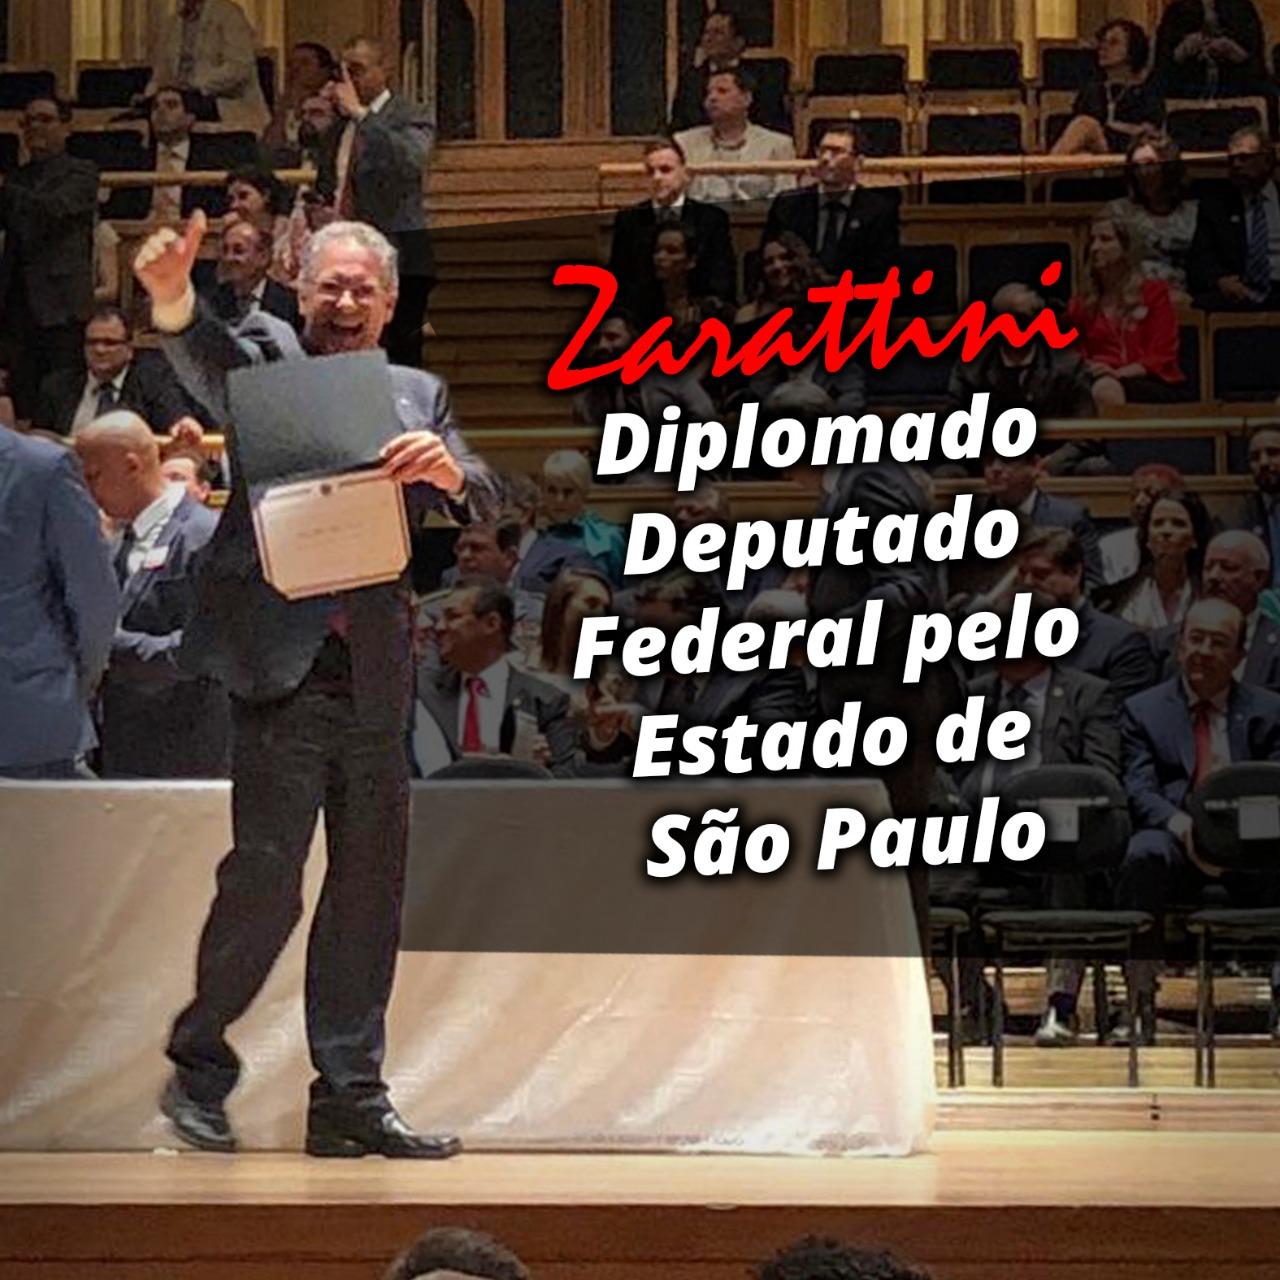 Zarattini é diplomado deputado federal pelo PT de São Paulo